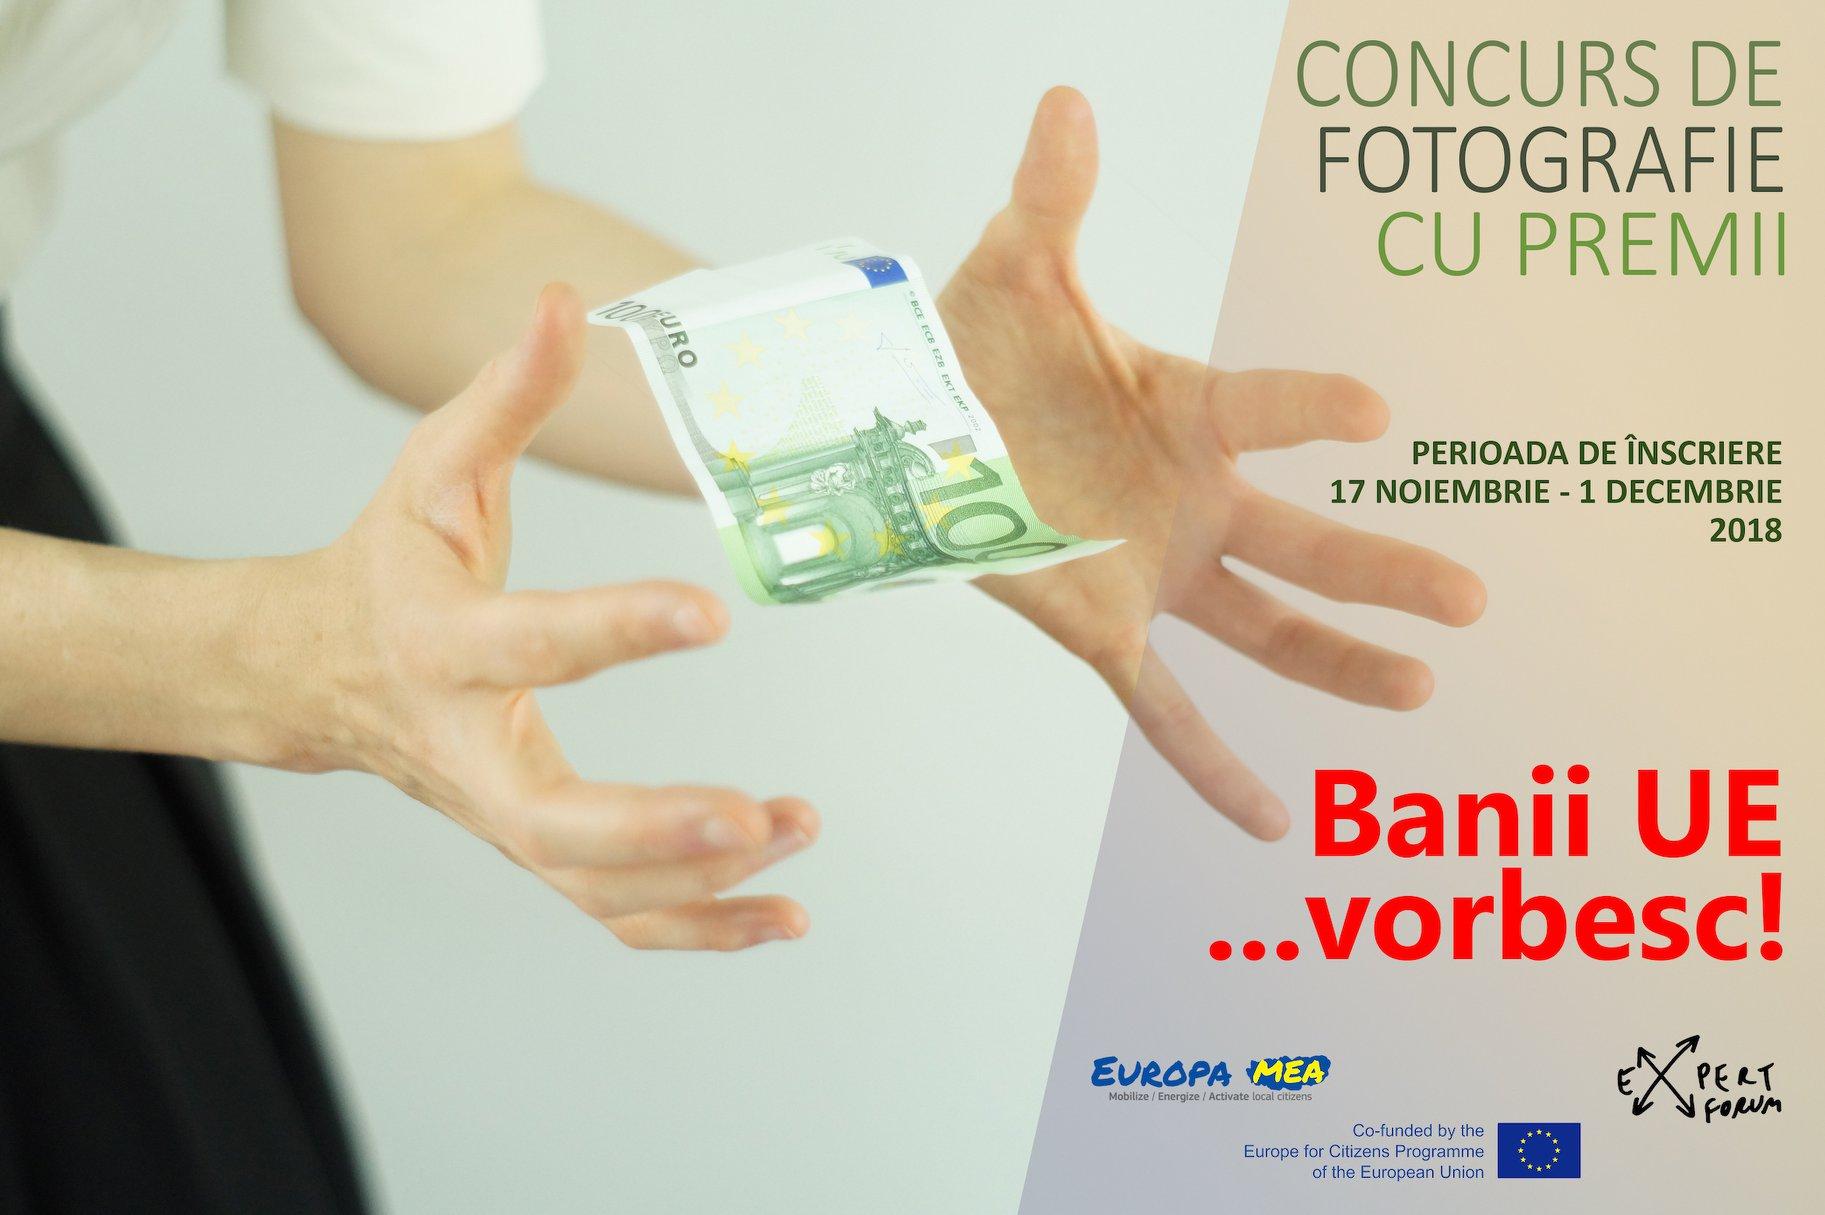 Cum s-au cheltuit banii UE în Romania? Proiectele smart și NOT so smart finanțate prin fonduri UE din România